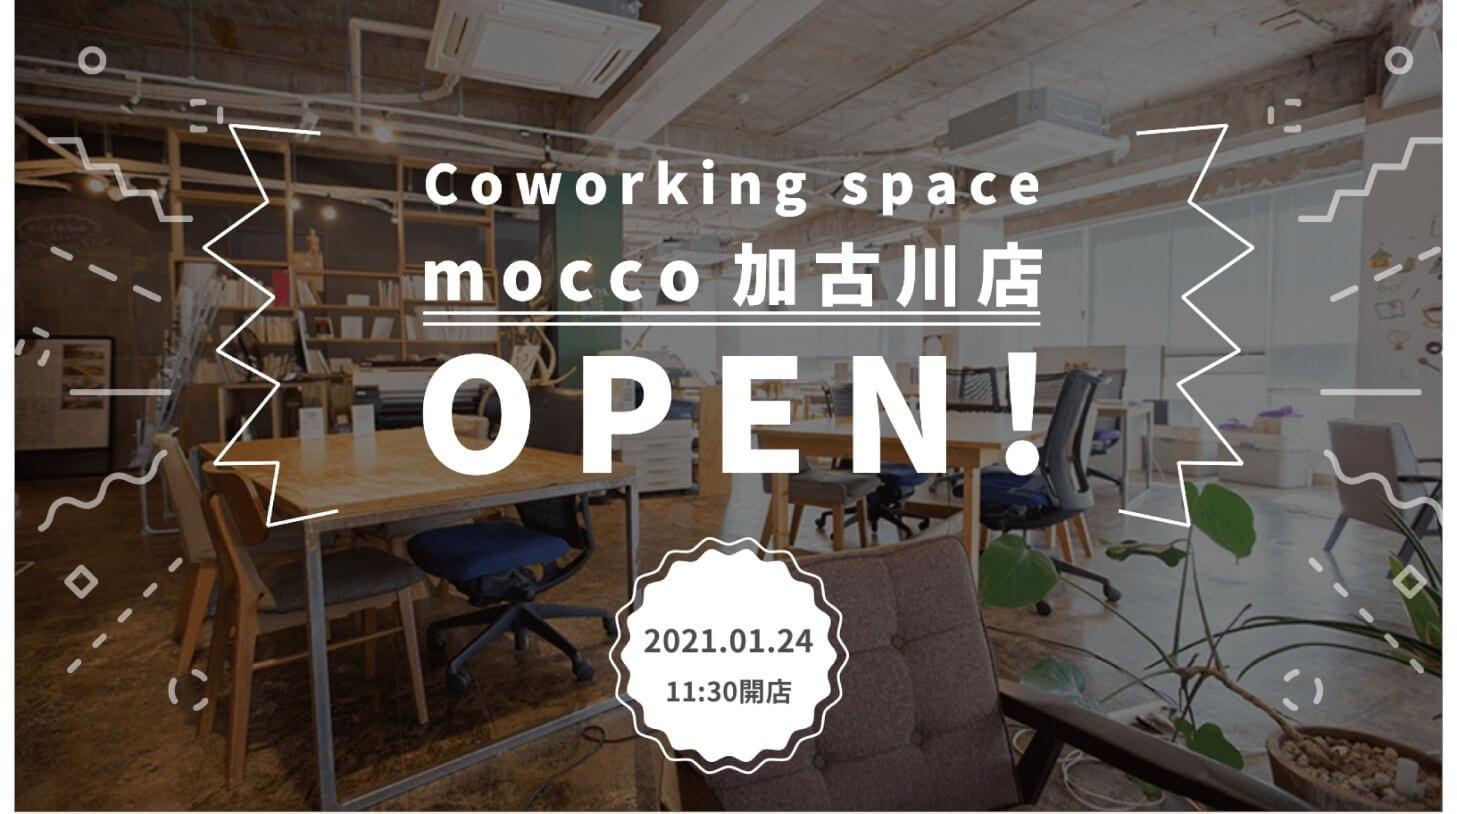 コワーキングスペースmocco加古川店オープン!